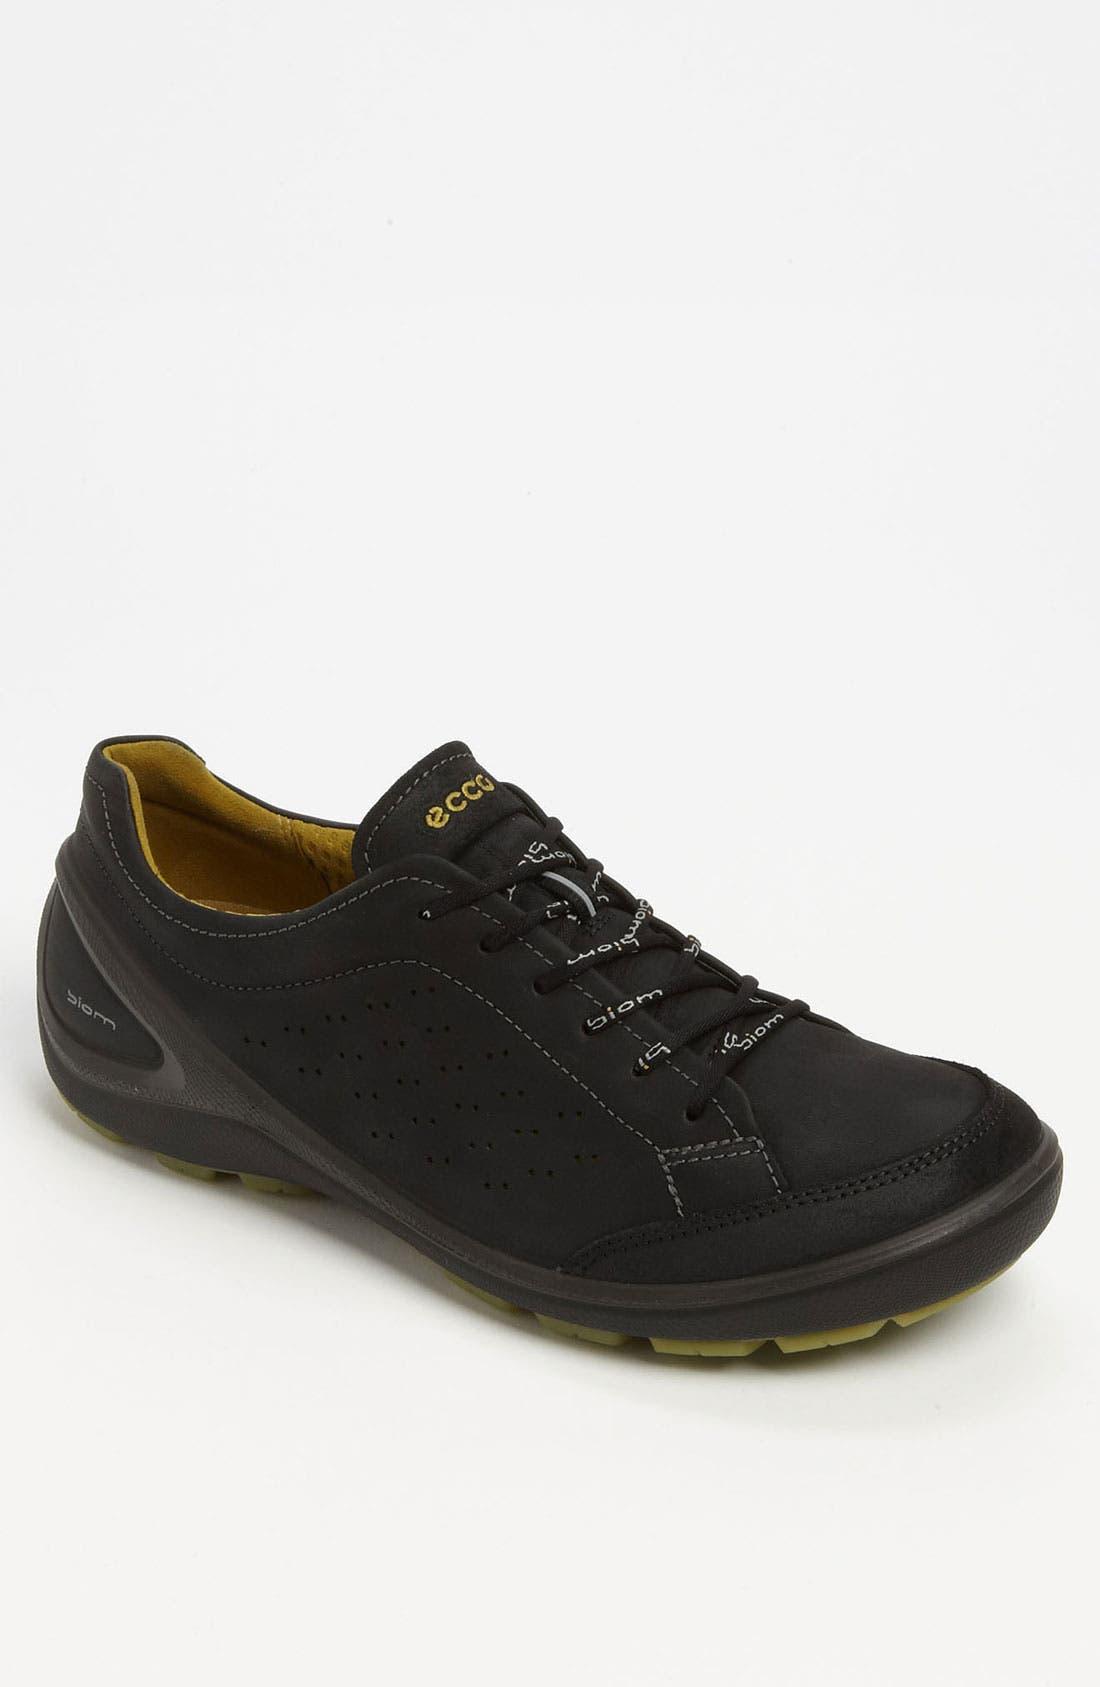 Alternate Image 1 Selected - ECCO 'Biom Grip' Sneaker (Men)